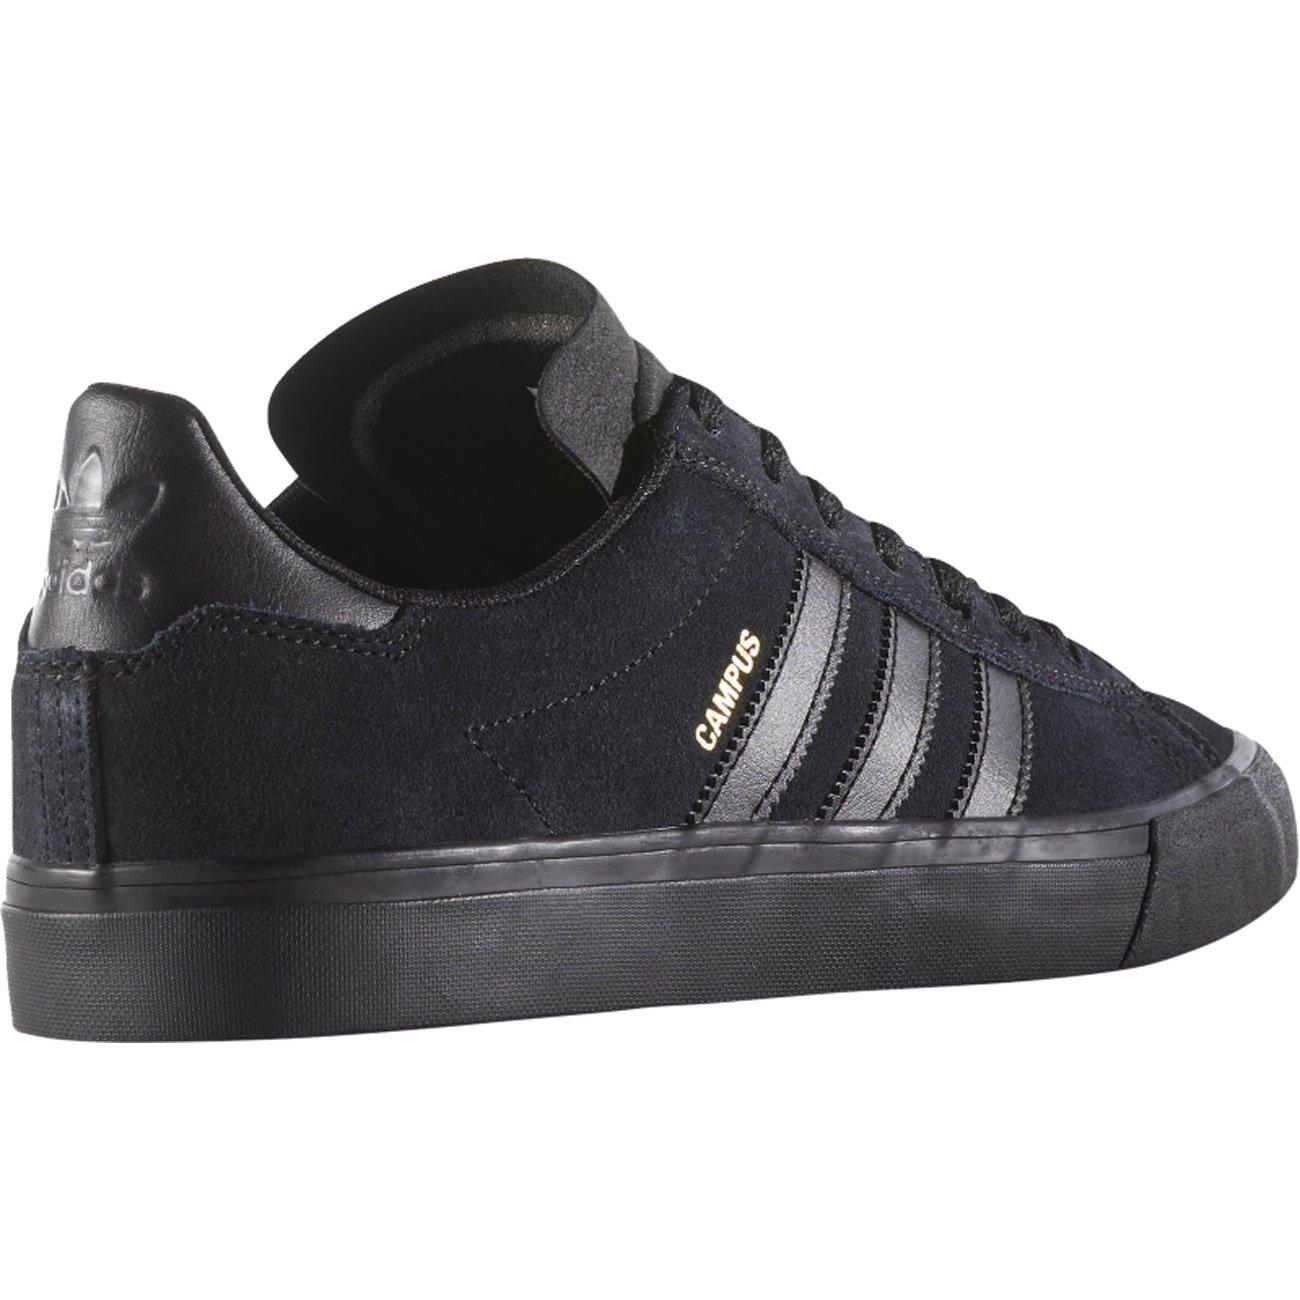 cheaper 76717 08292 adidas - Campus Vulc II, Scarpe da Skate Uomo Amazon.it Scar